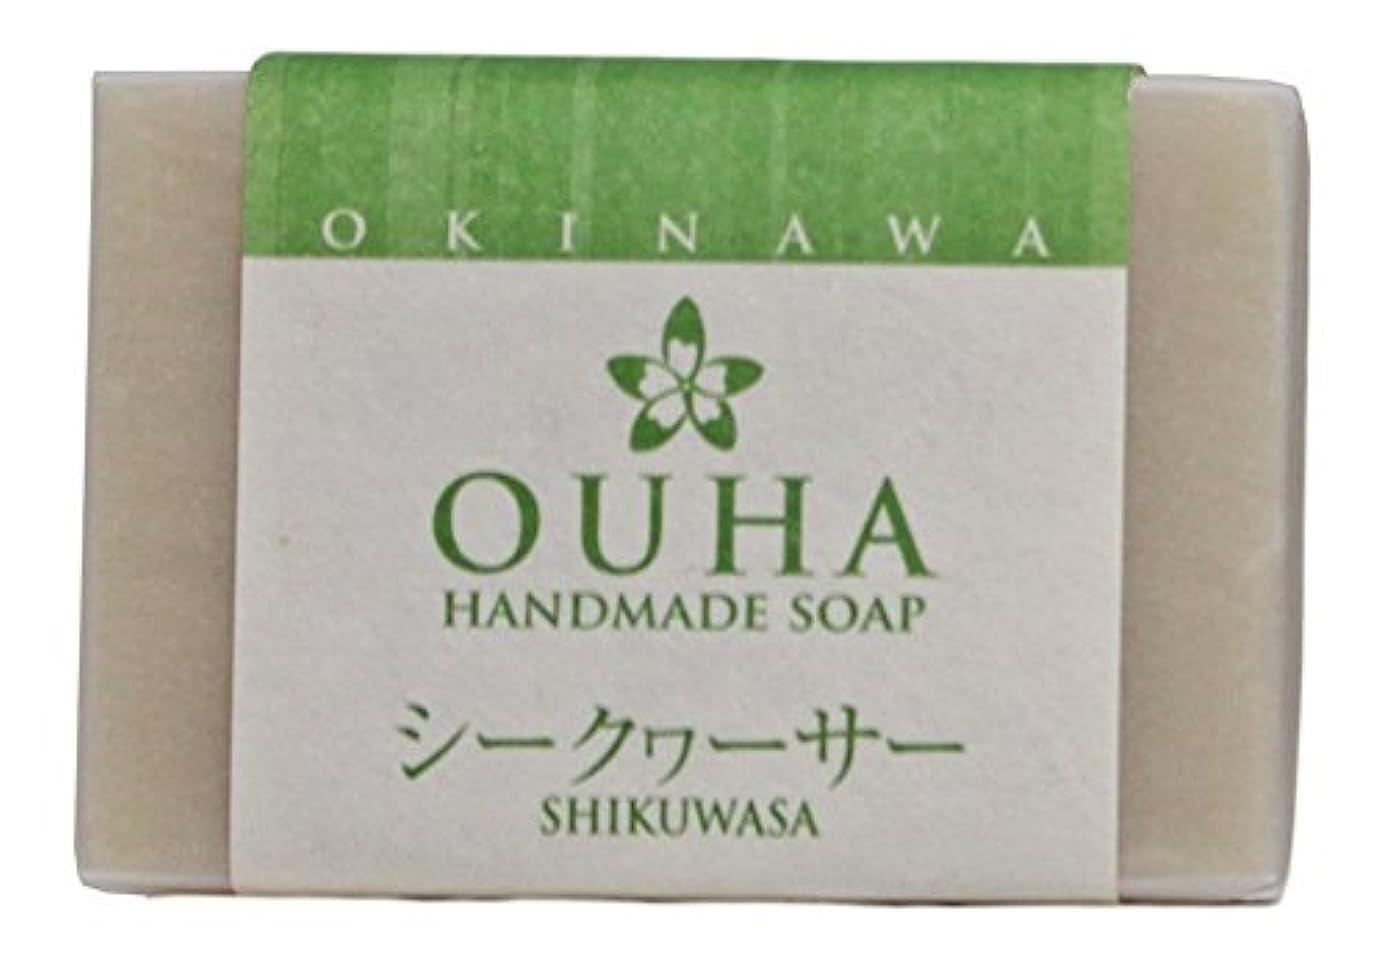 きらめく負魅力的沖縄手作り洗顔せっけん OUHAソープ シークヮーサー 47g